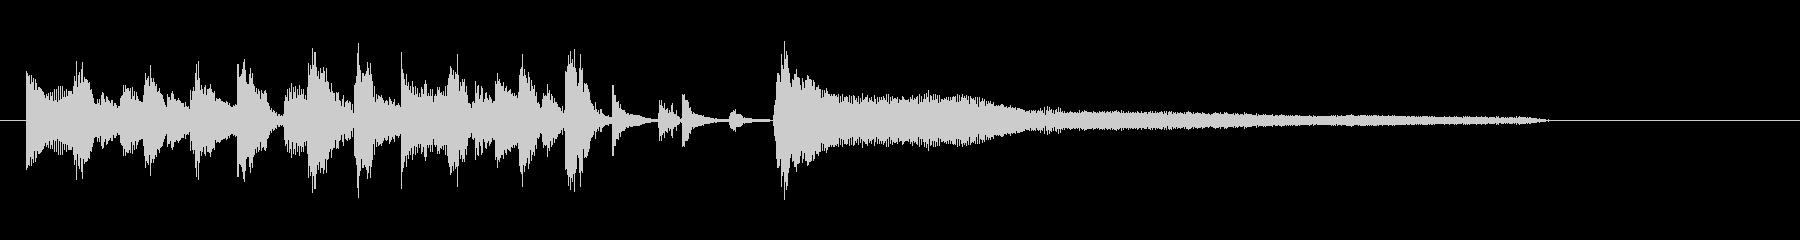 おしゃれなジャズテイストの楽しいボサノバの未再生の波形